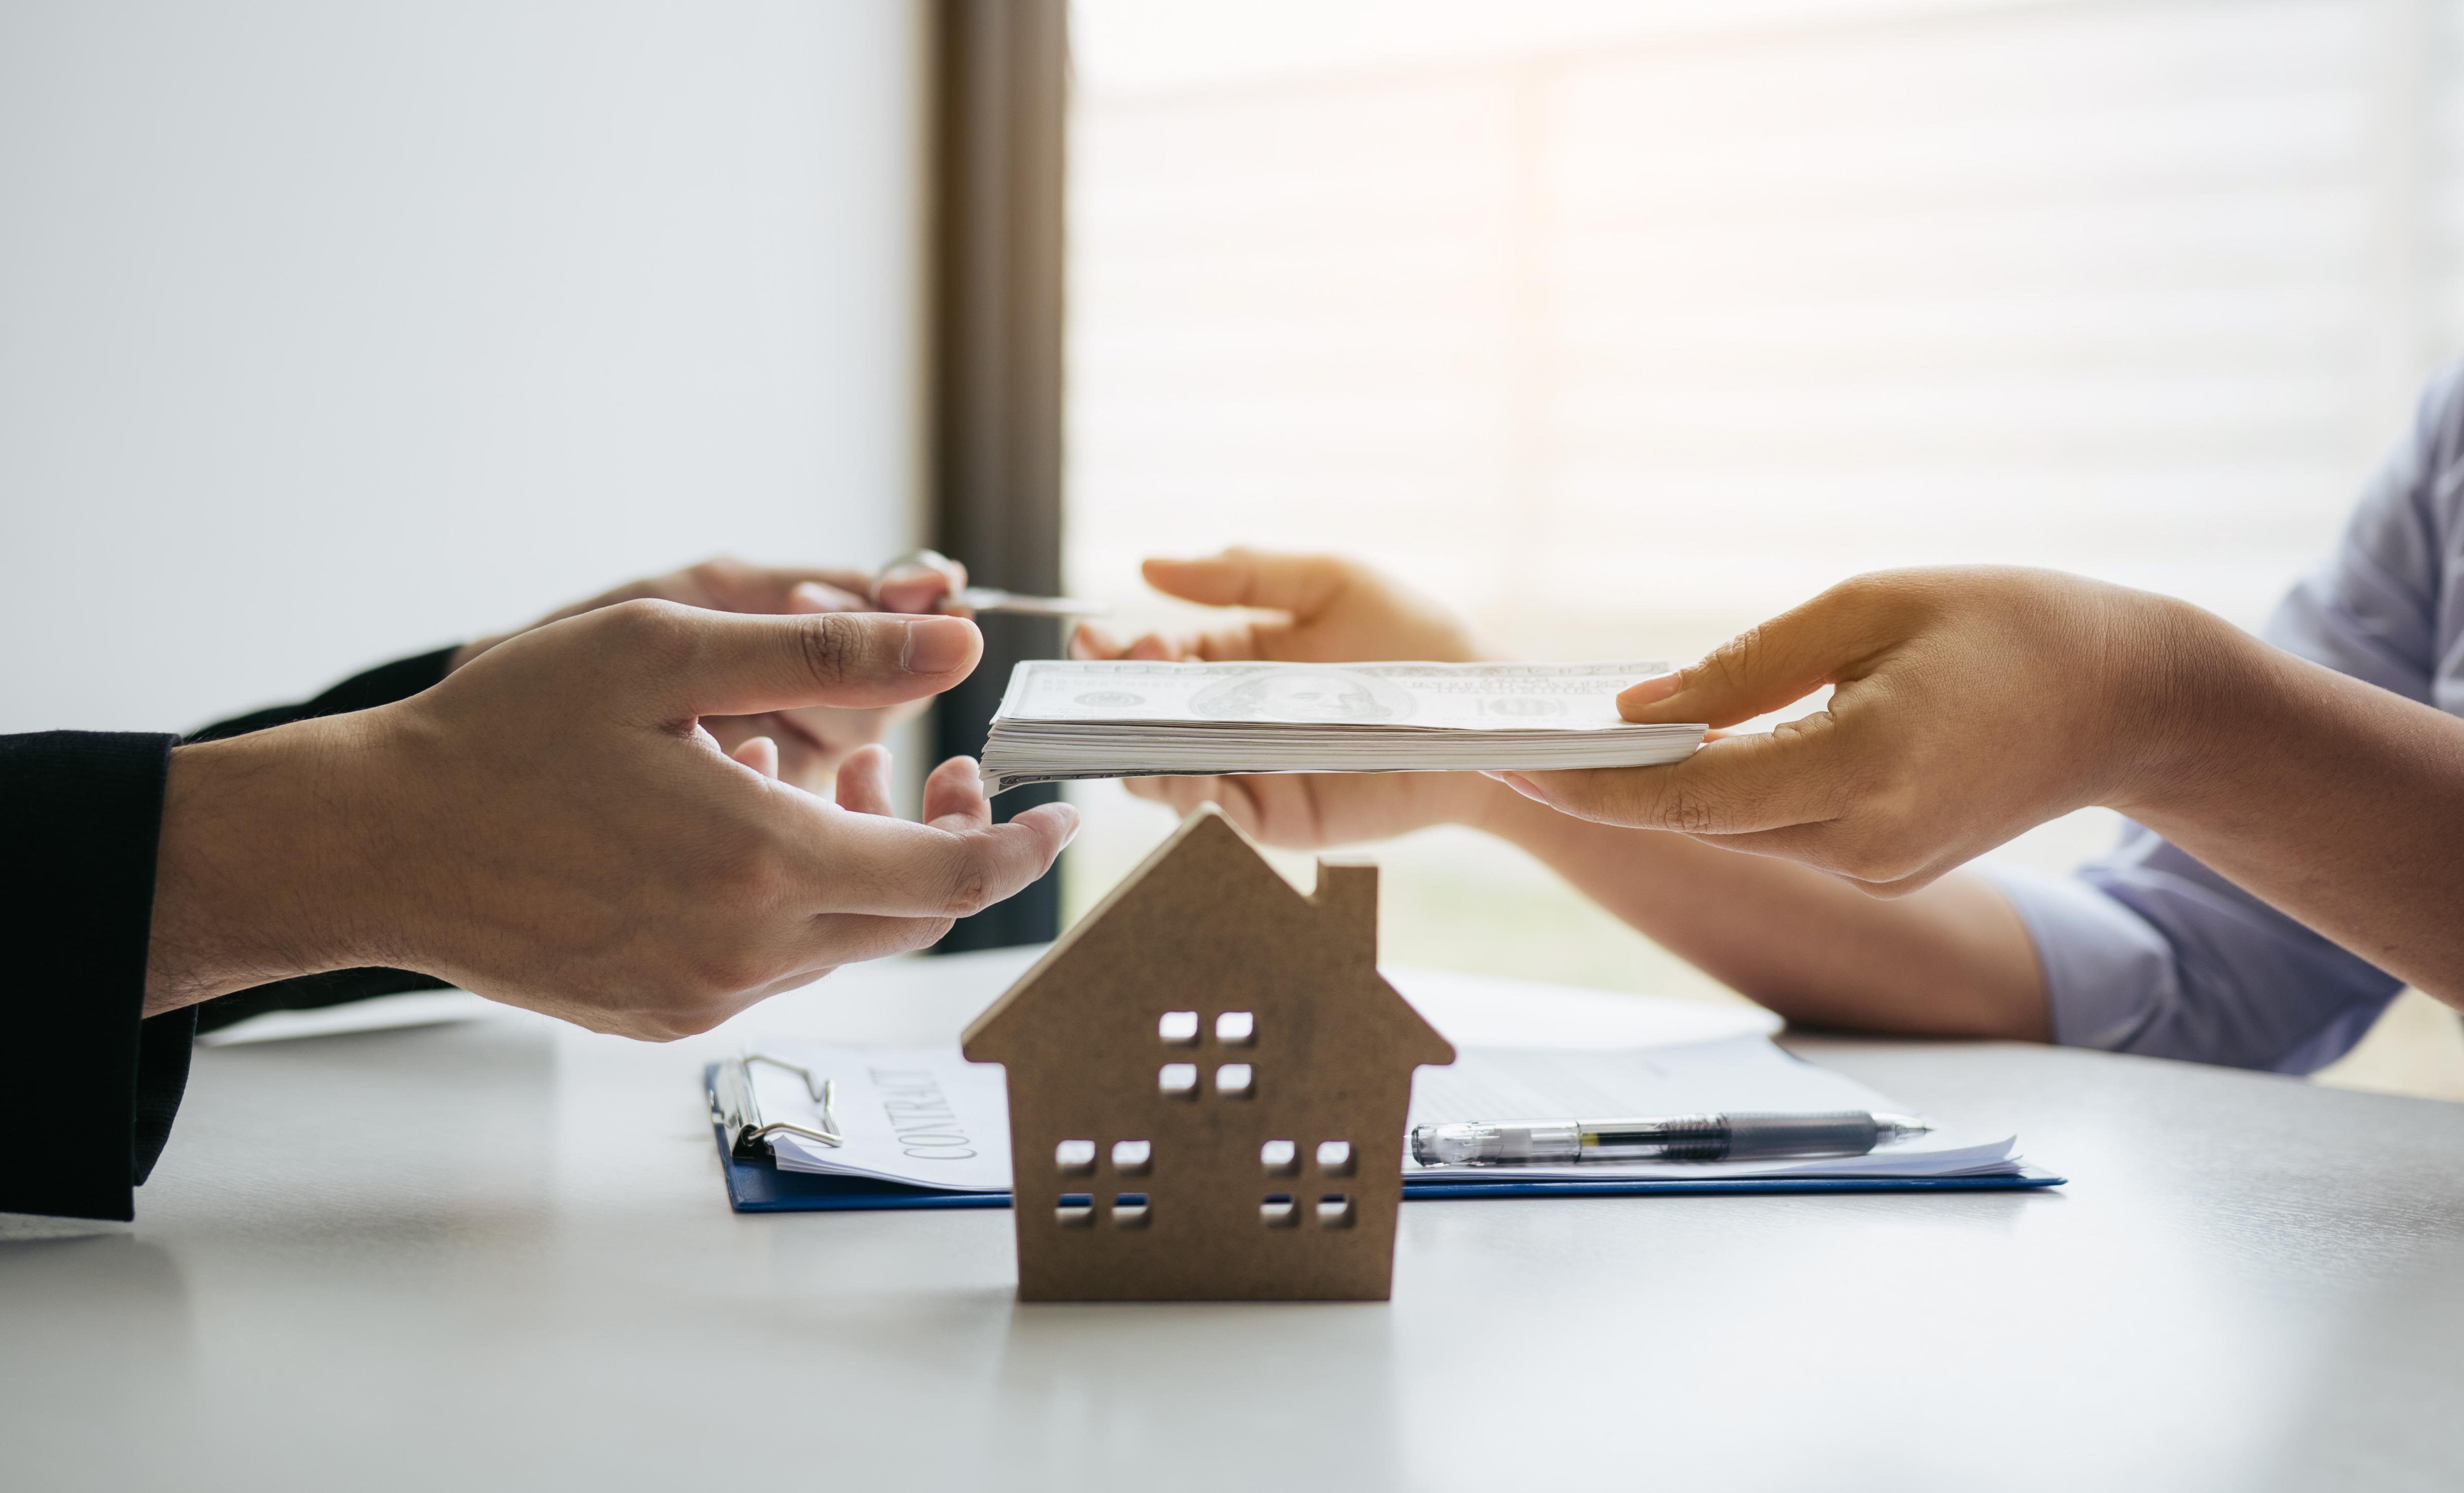 como transferir empréstimos, financiamentos ou dívidas para outro banco em 3 dicas práticas